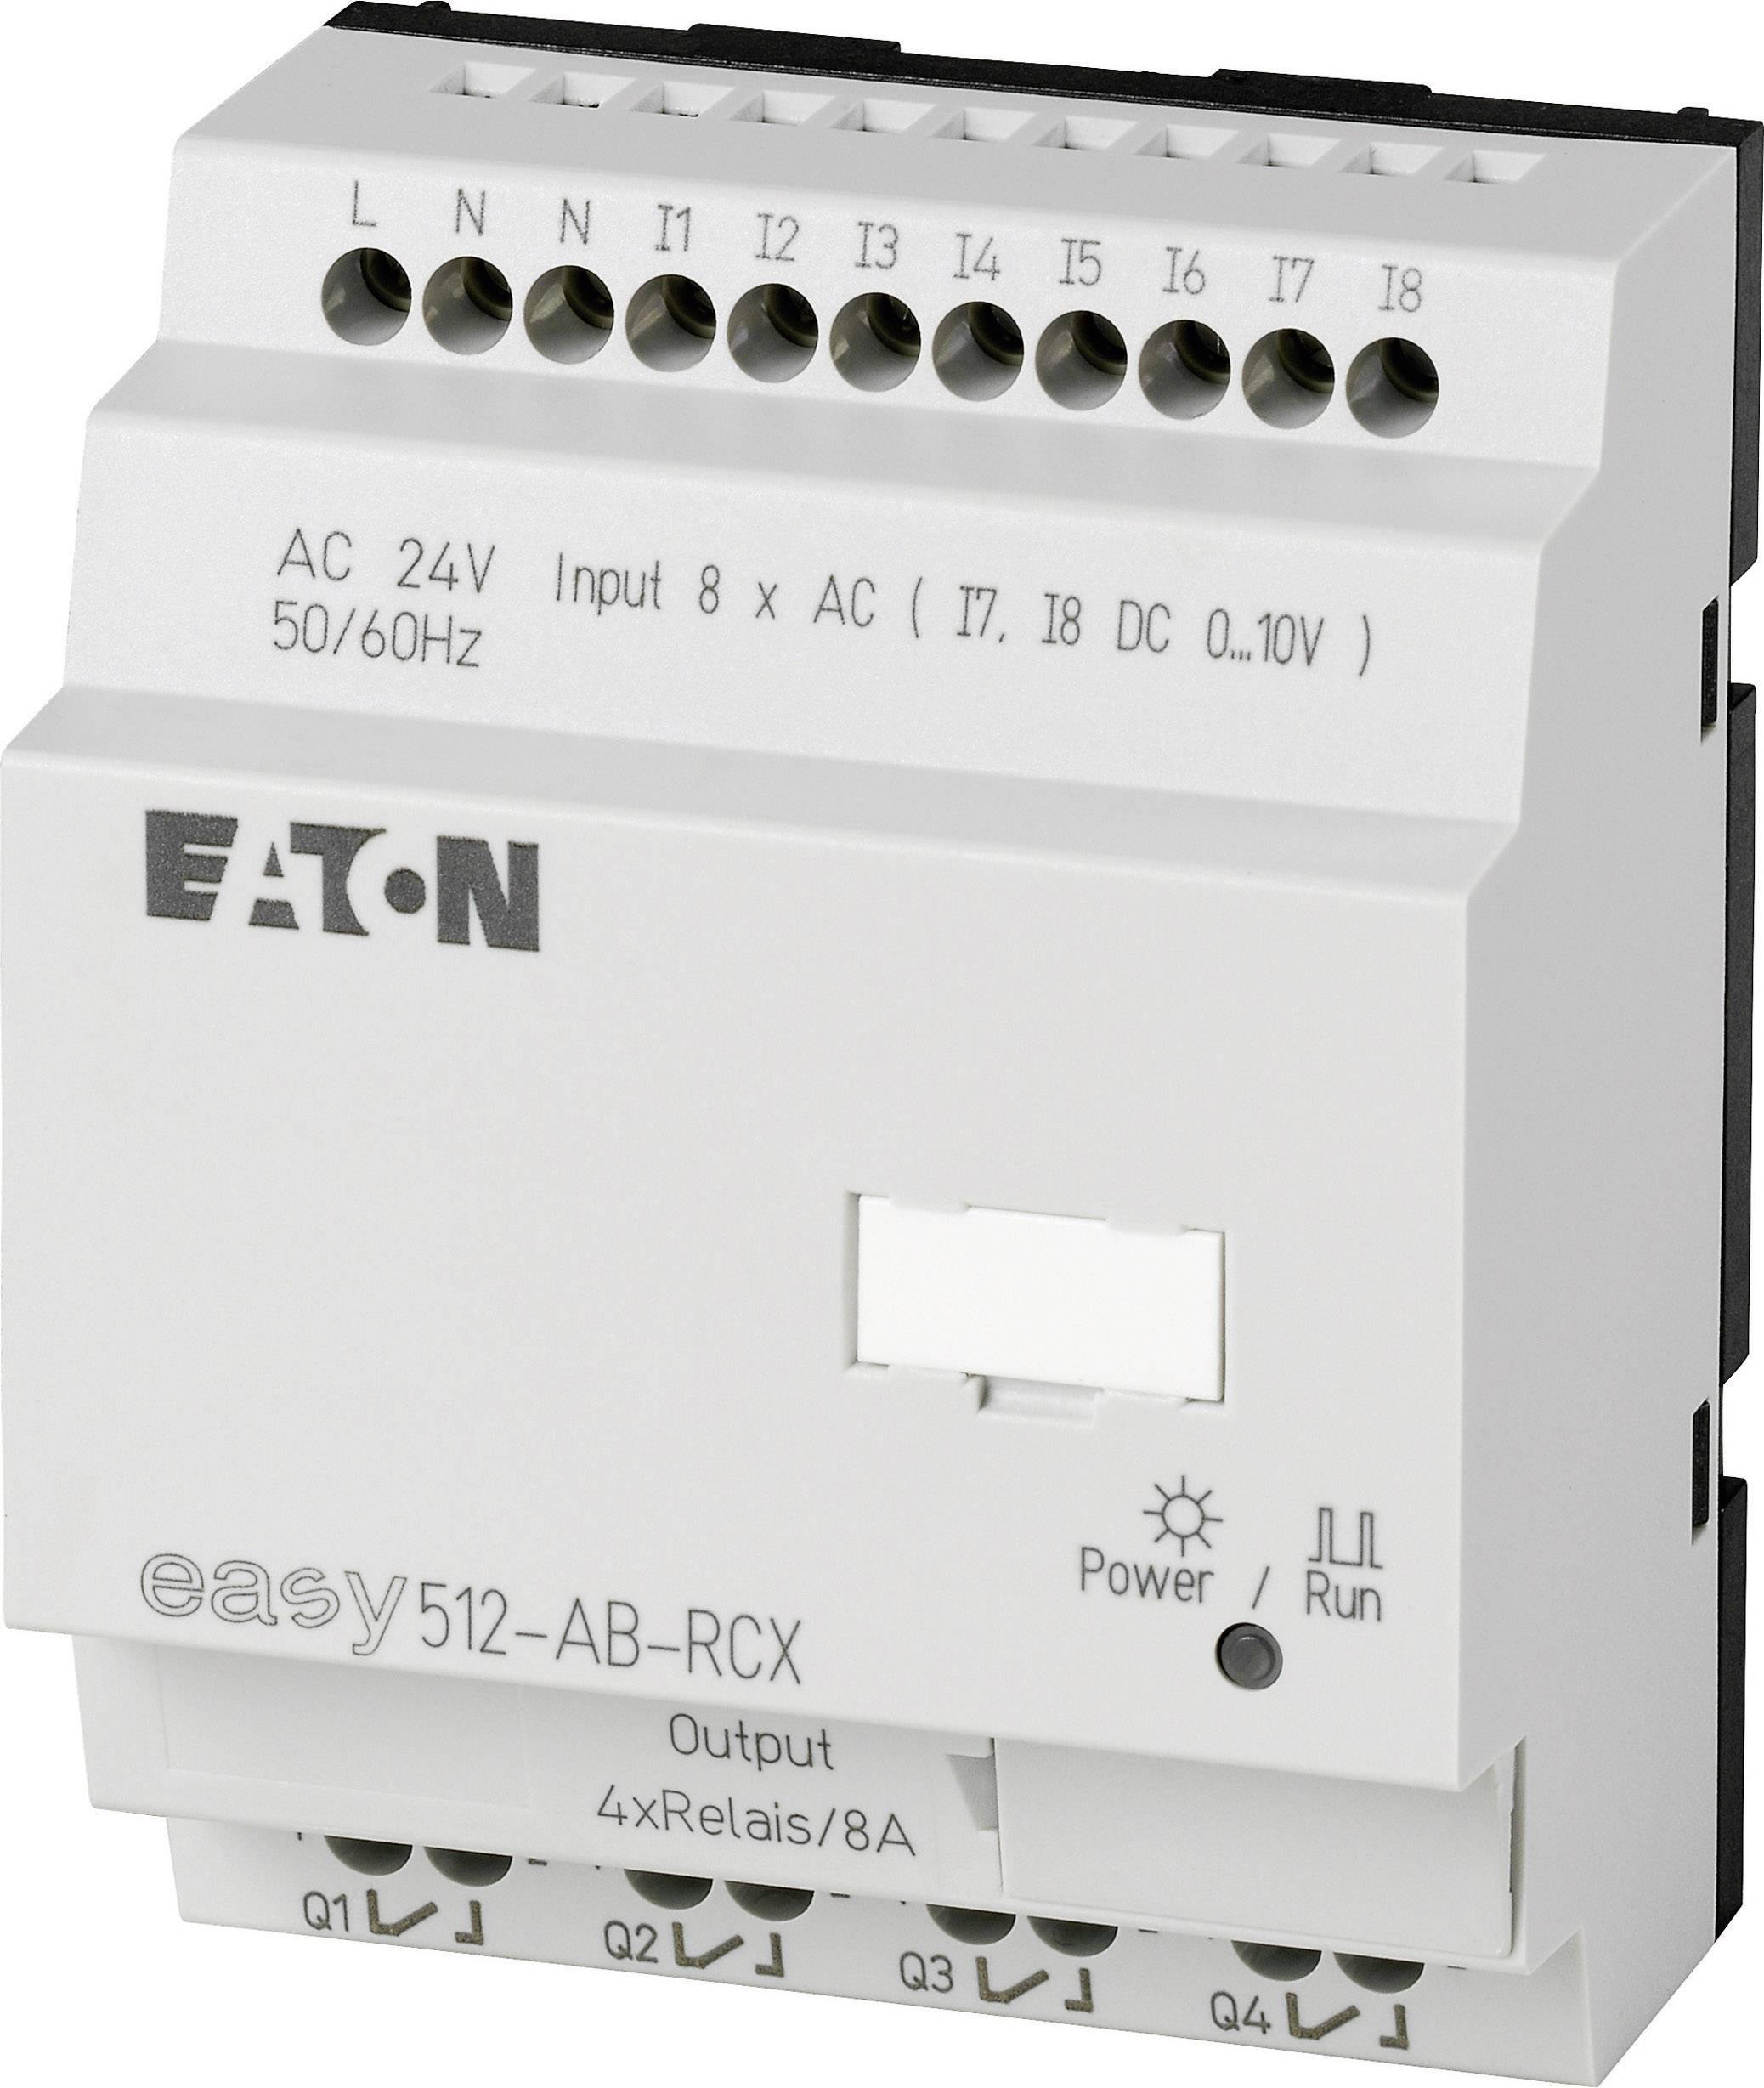 Riadiacimodul Eaton easy 512-AB-RX 274102, 24 V/AC